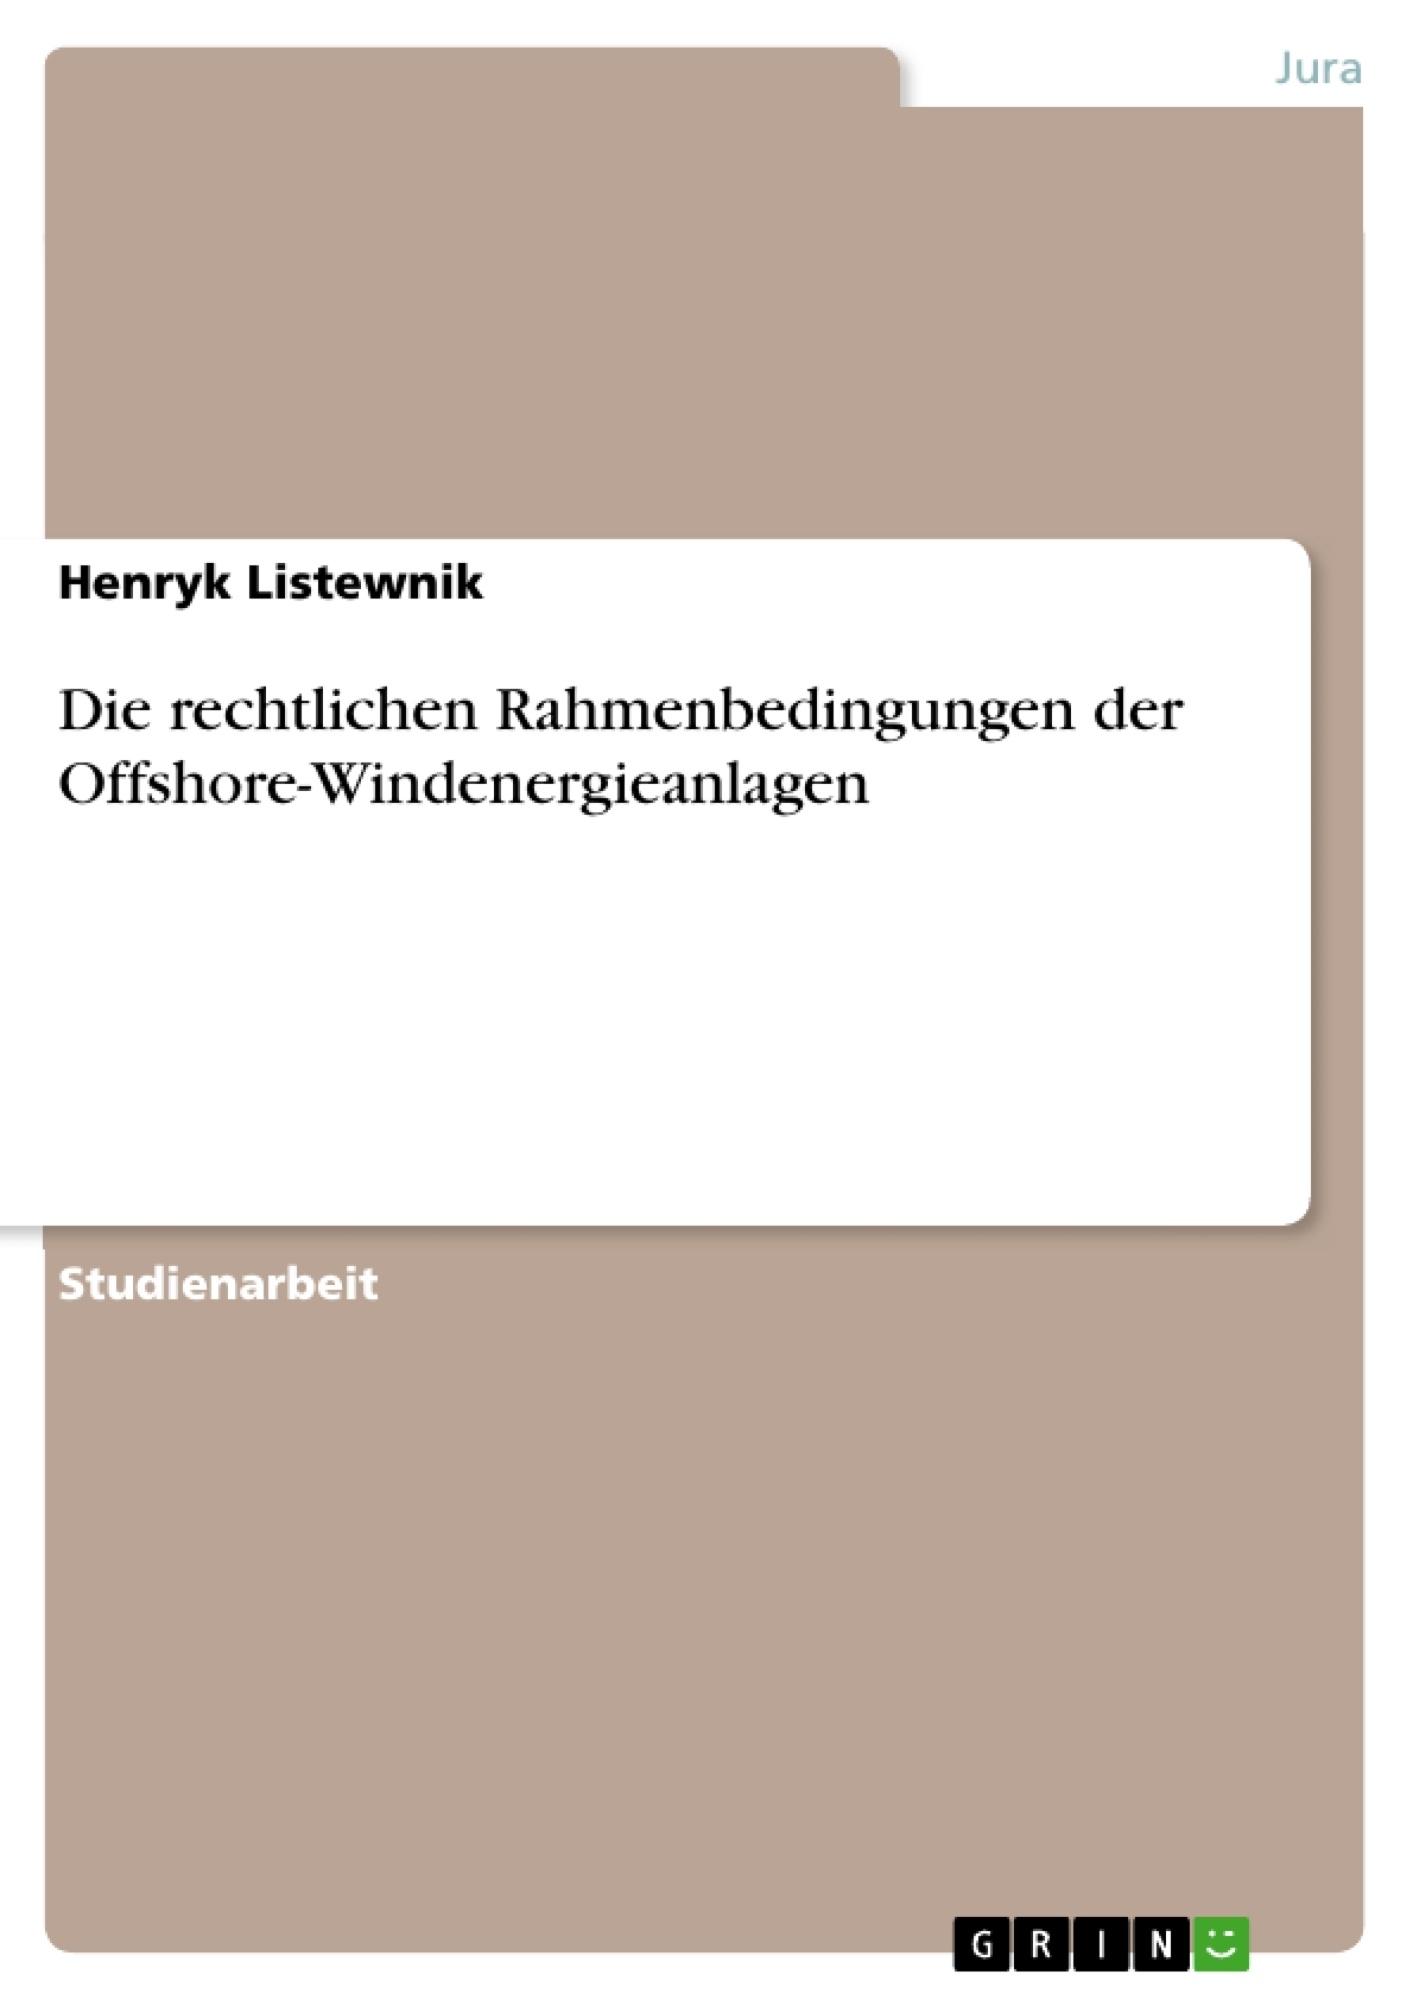 Titel: Die rechtlichen Rahmenbedingungen der Offshore-Windenergieanlagen